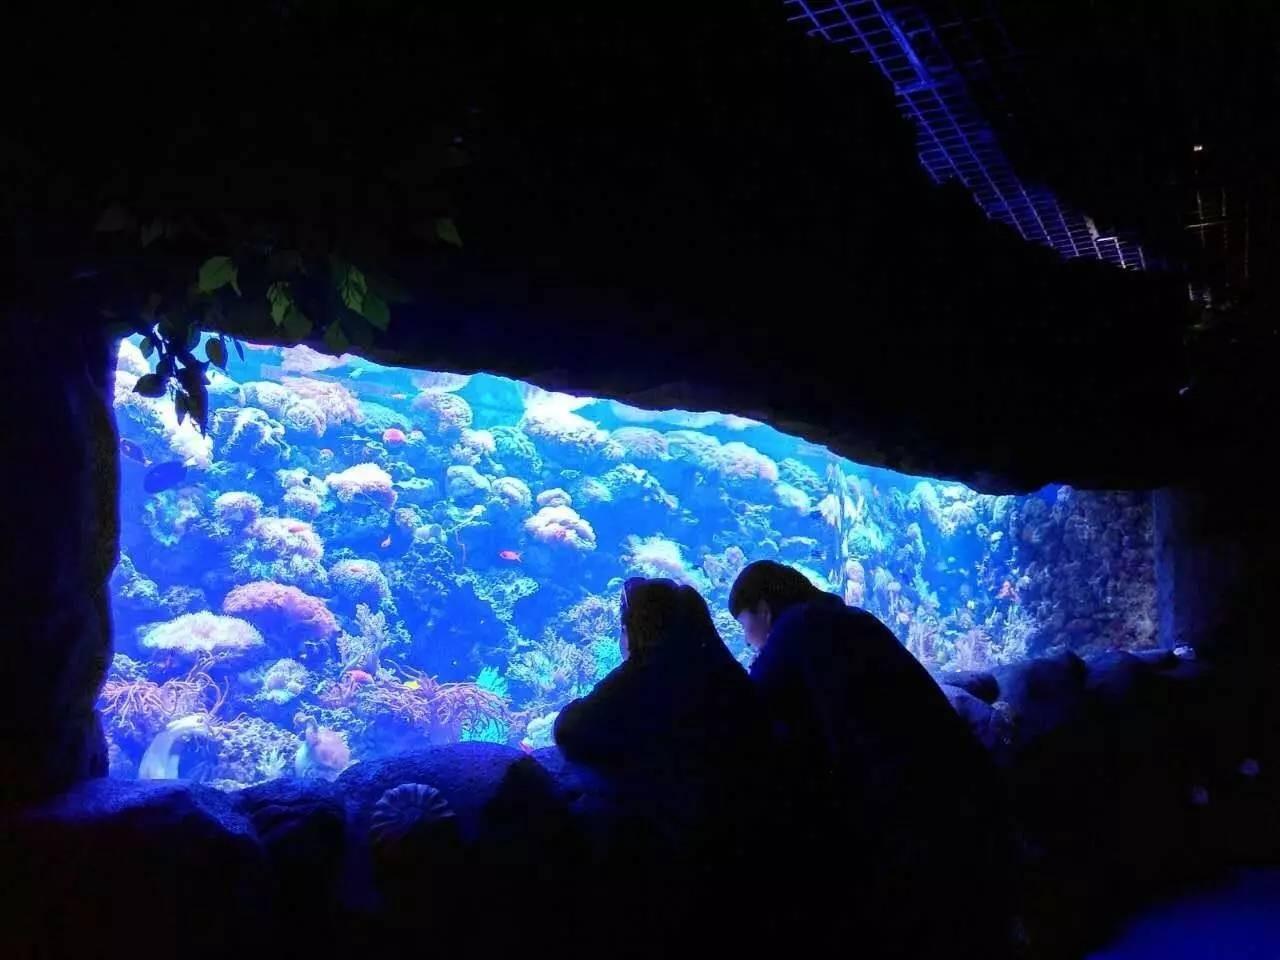 观赏大型亚克力鱼缸邂逅爱情